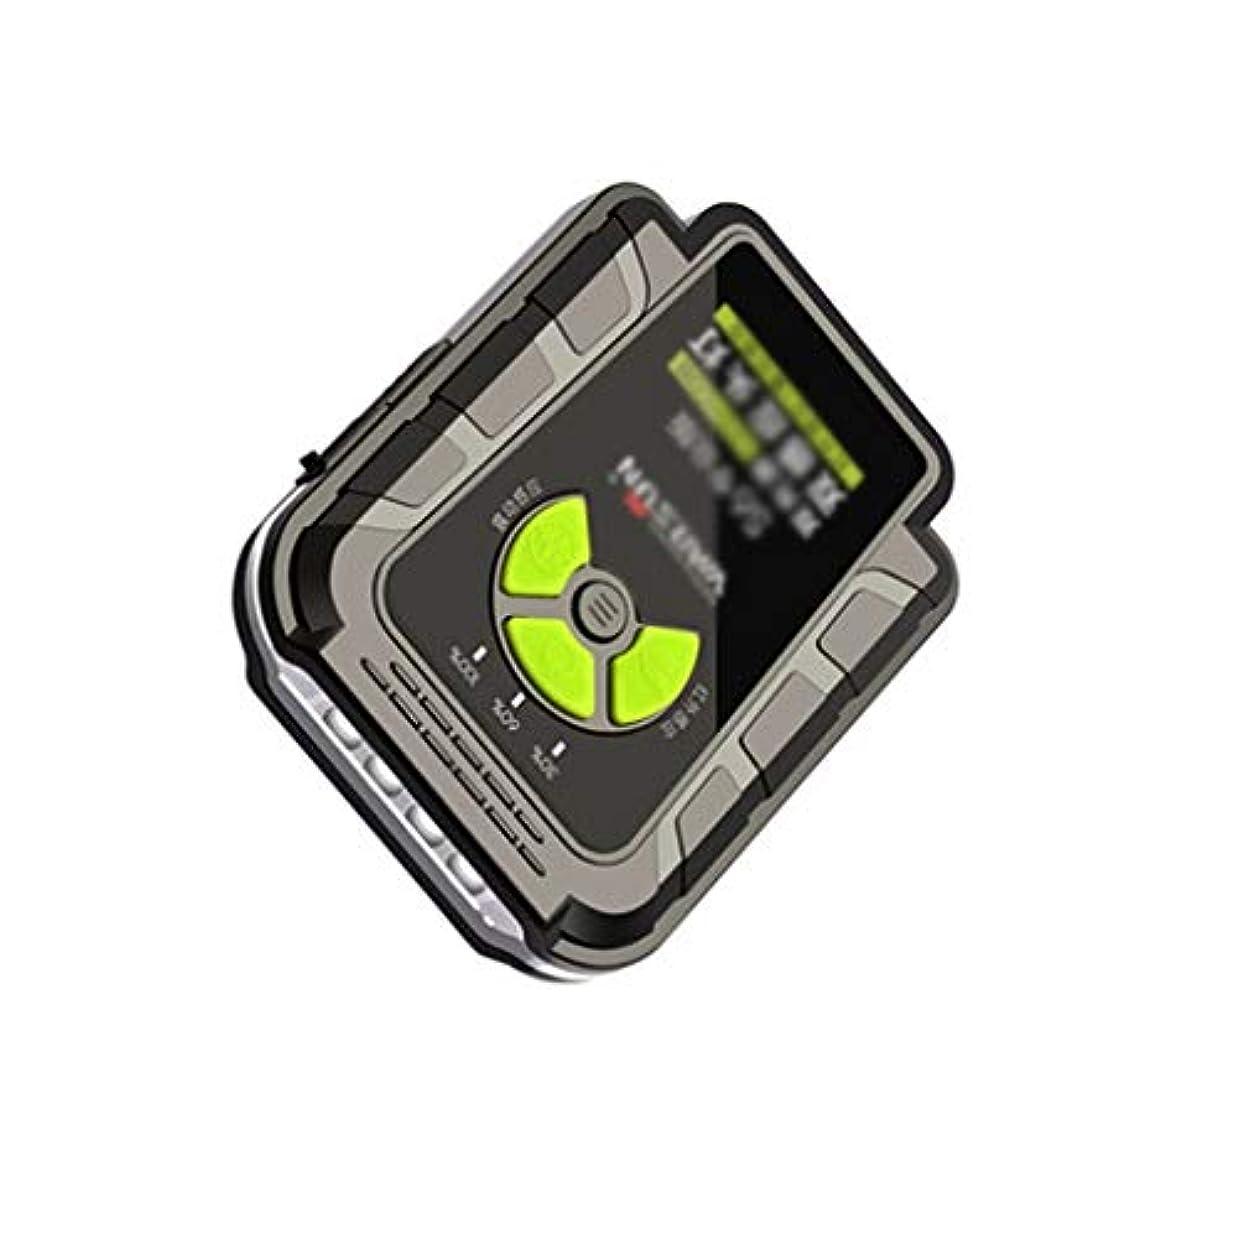 ヒョウ領収書起訴するヘッドライト ヘッドライトグレア充電スーパーブライトヘッドマウントナイトフィッシングLed釣り誘導キャップライト LEDヘッドライト